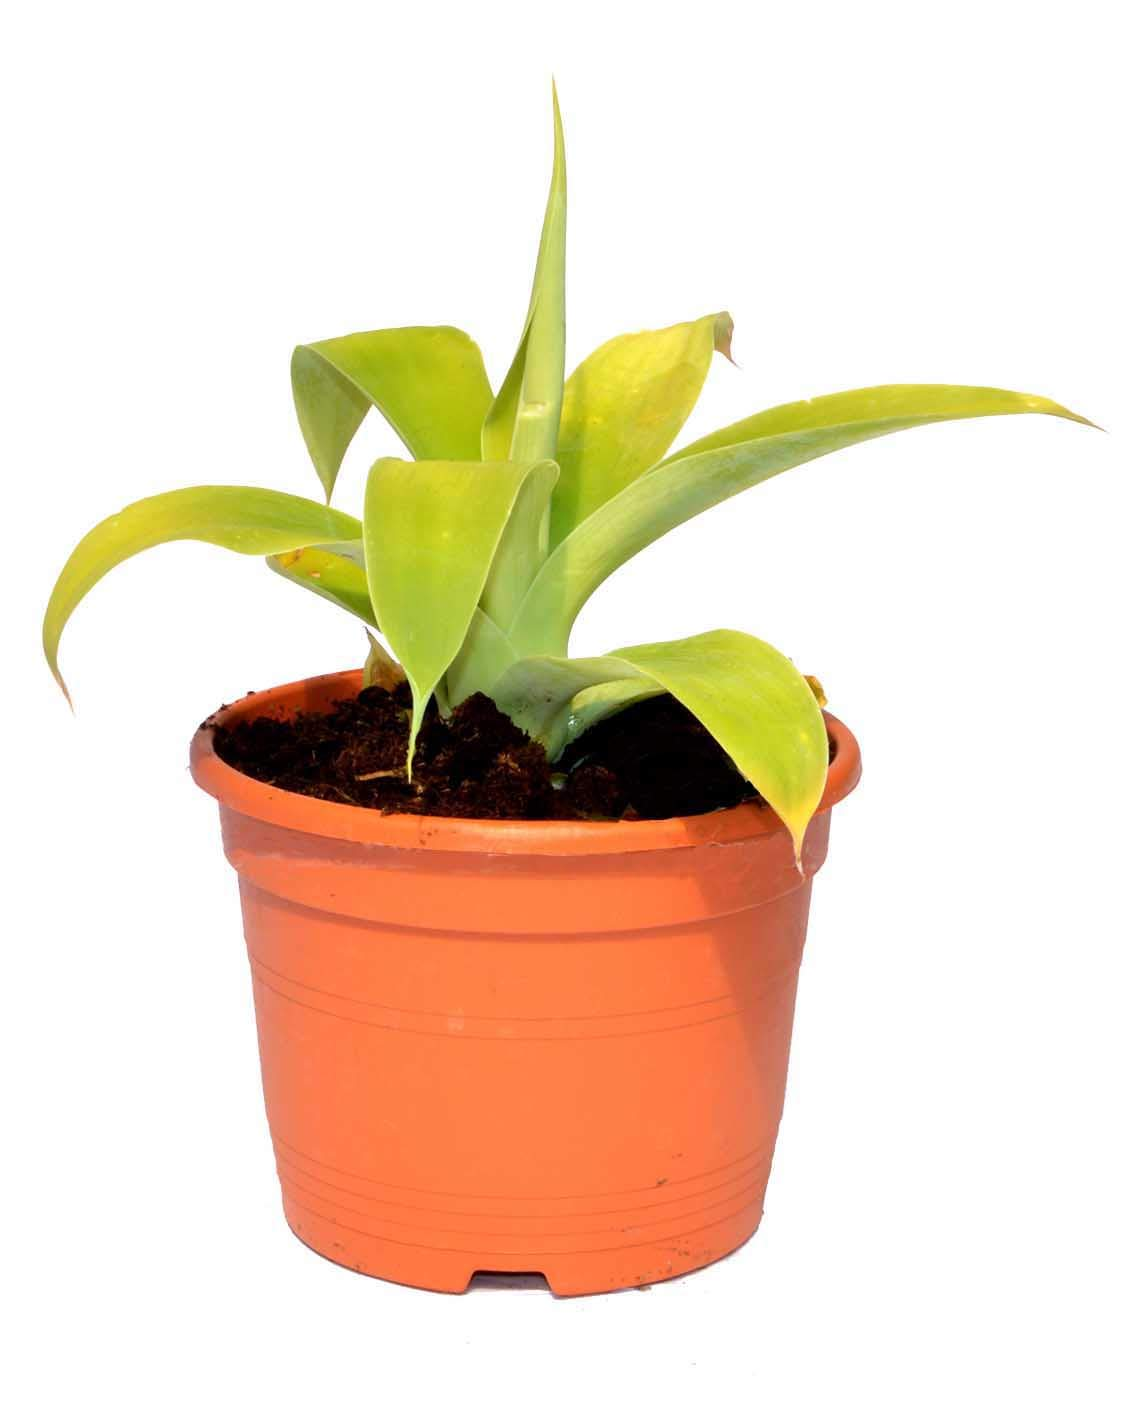 Agave attenuata planta crasa resistente a la sequ/ía